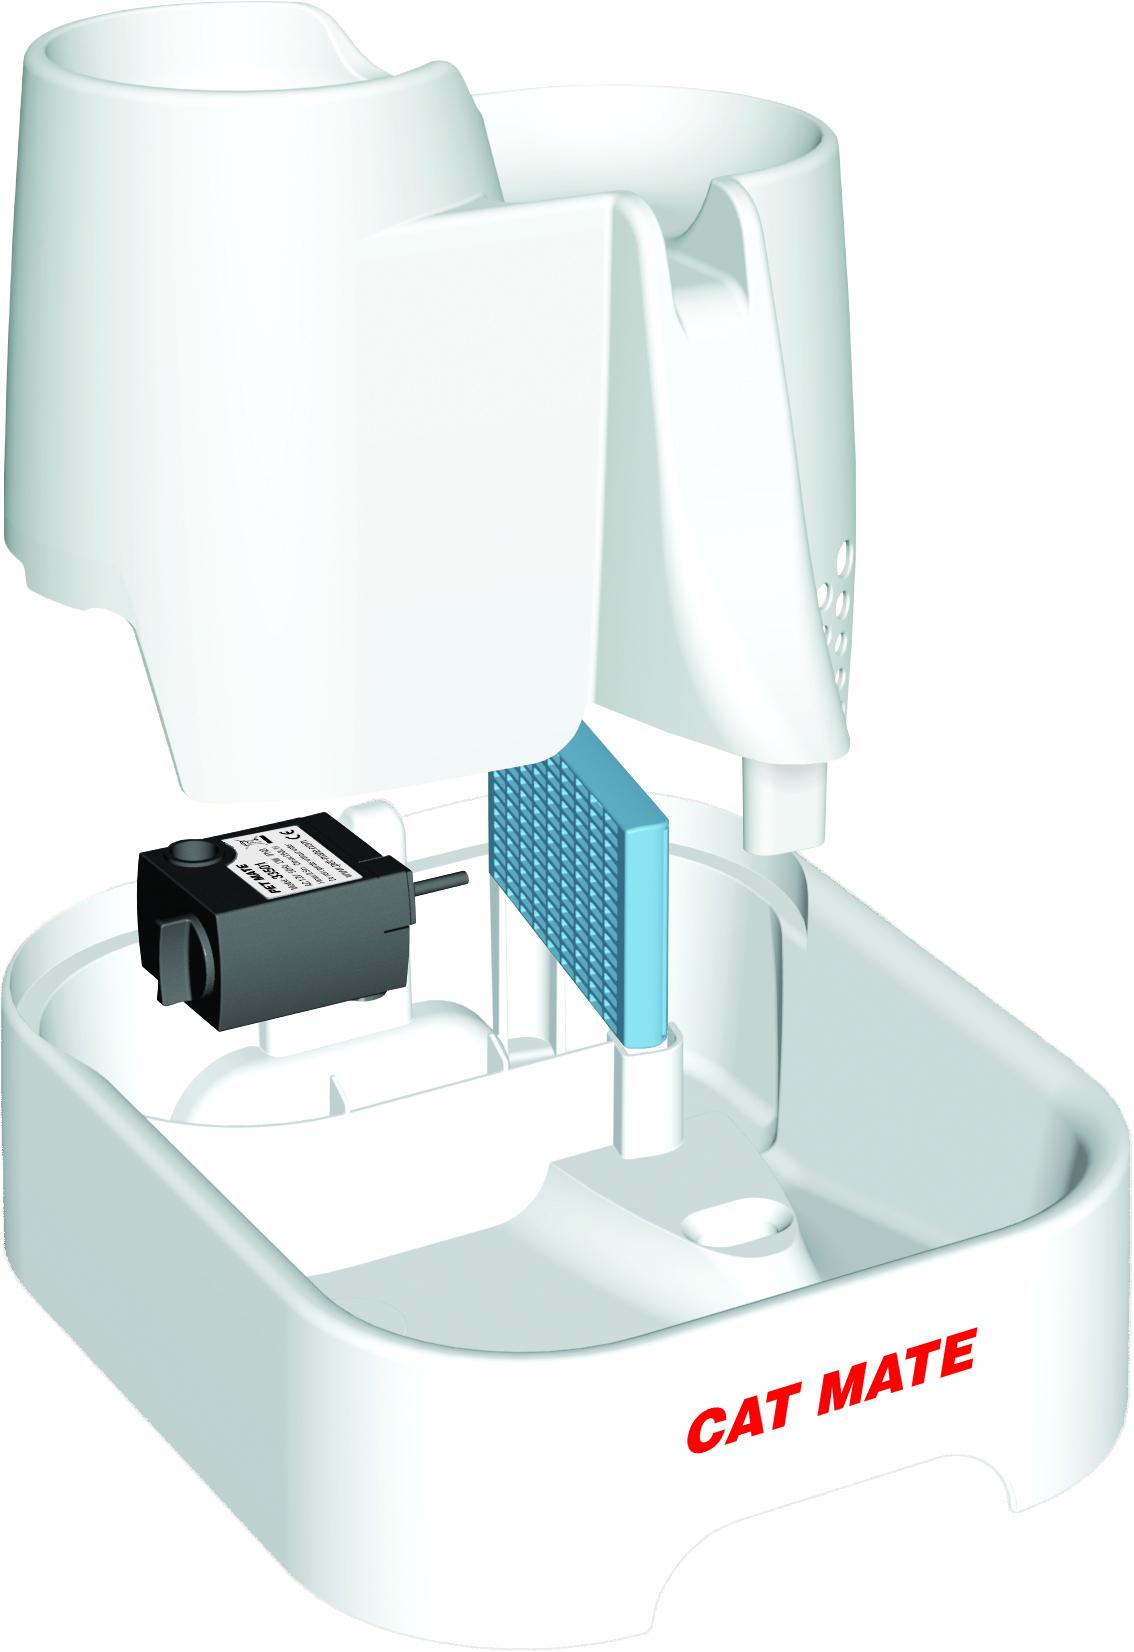 Vattenautomat 2 liter - Vattenautomat